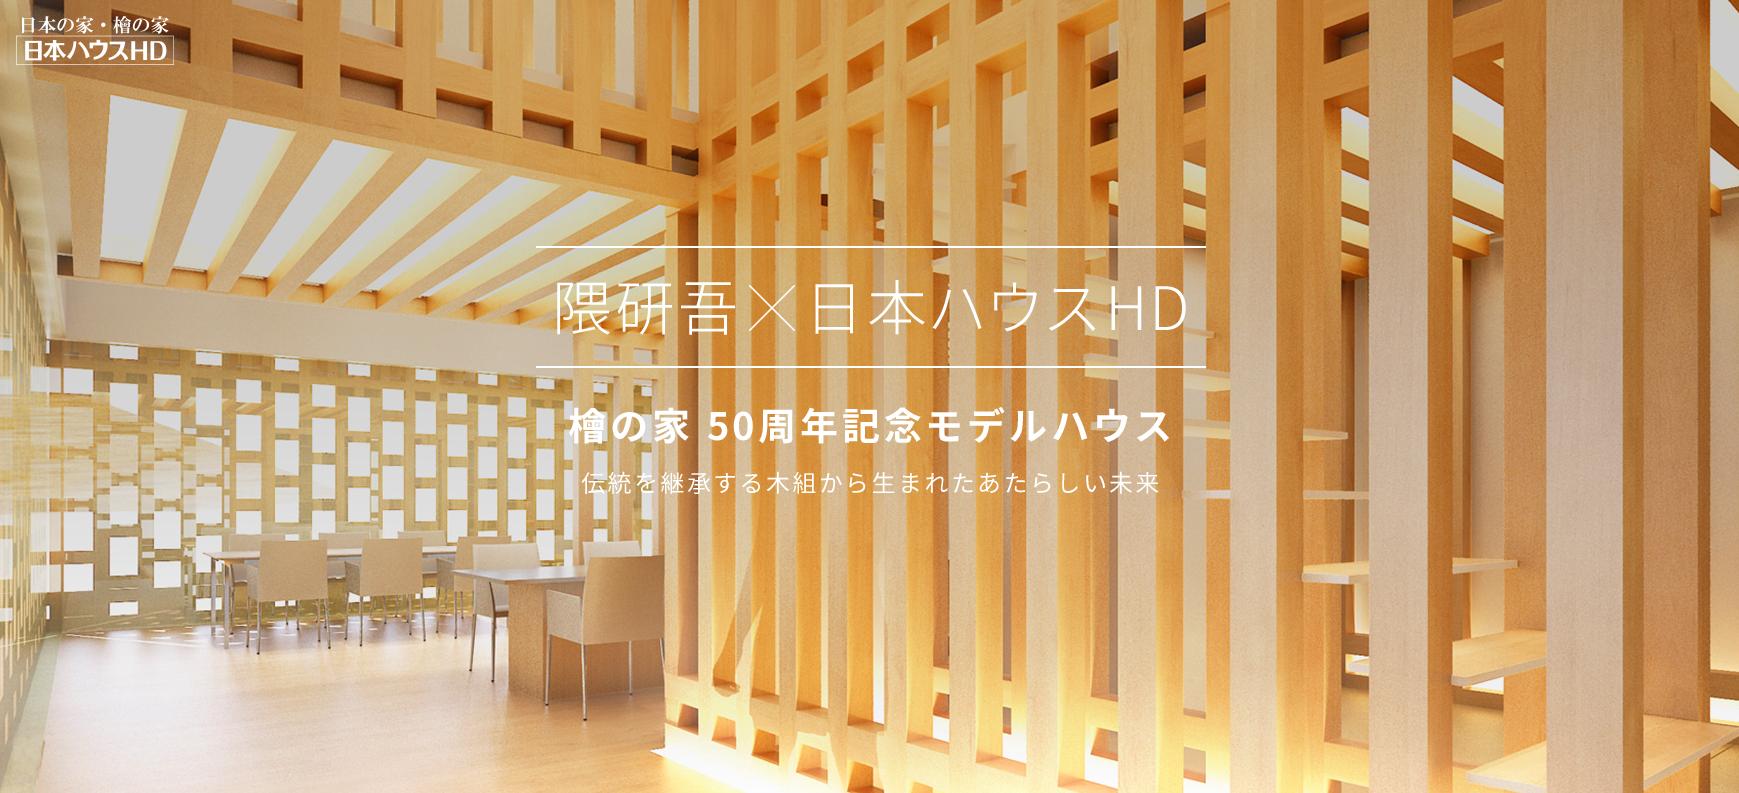 評判 日本 ハウス ホールディングス 日本ハウスホールディングスの評判と特徴 〜ハウスメーカーの比較⑦〜